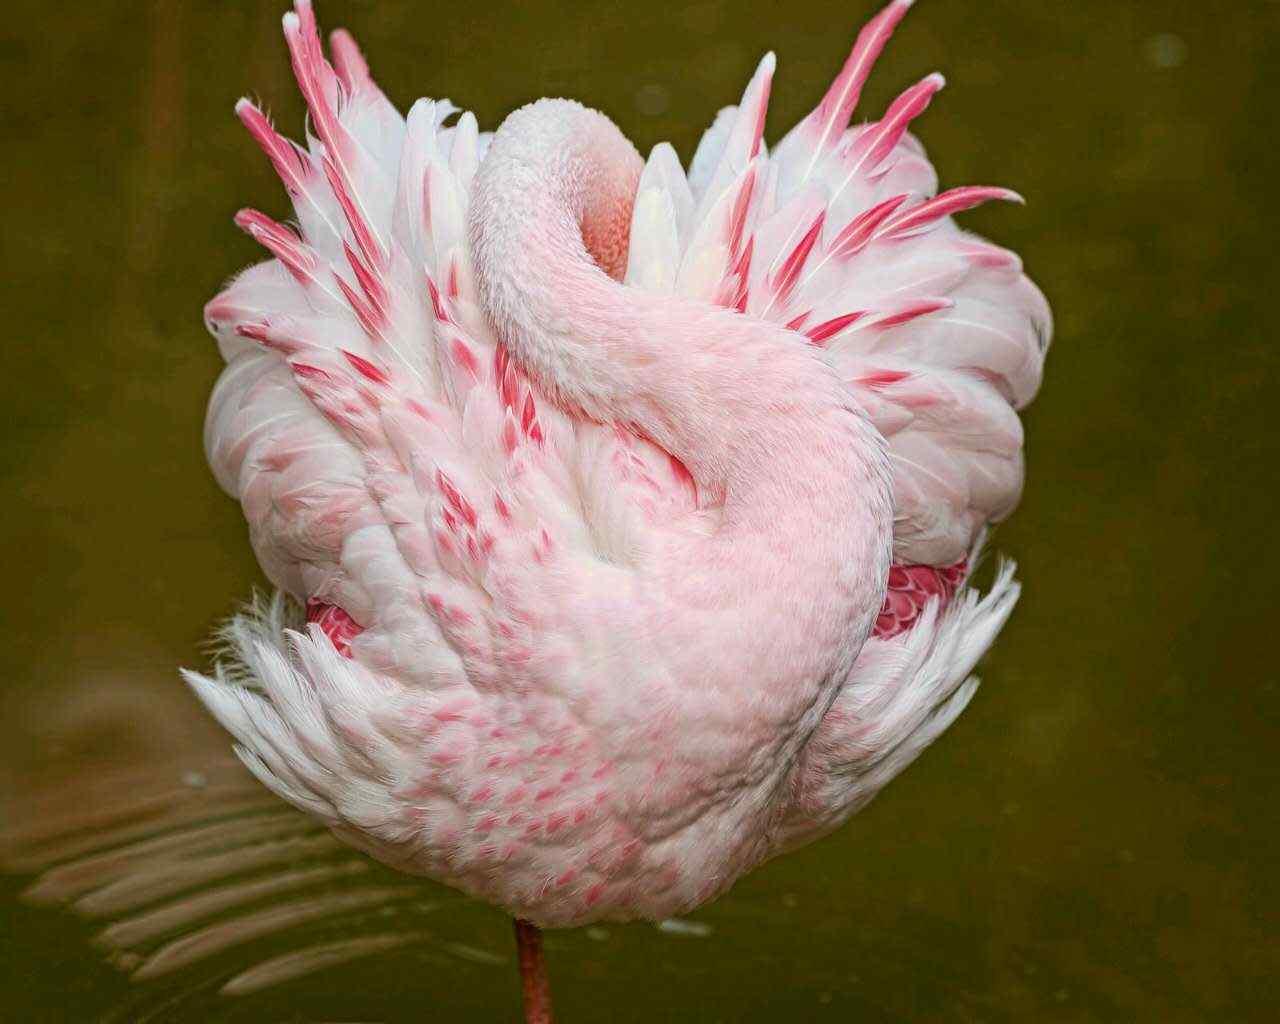 小清新唯美火烈鸟动物图片高清壁纸